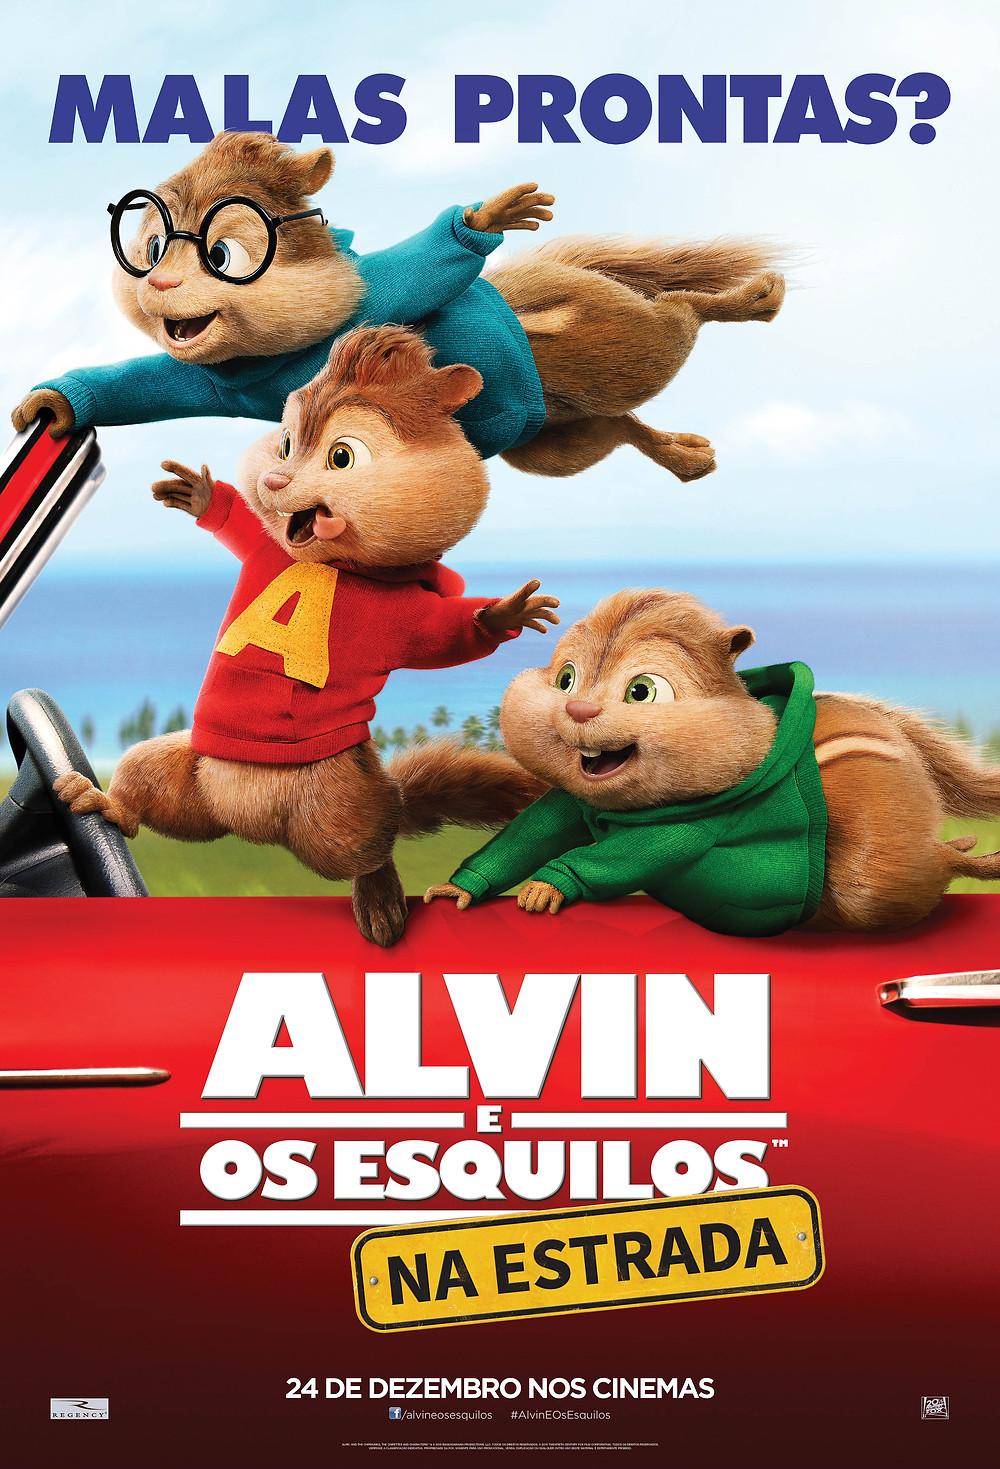 Alvin e os Esquilos na Estrada (Alvin And The Chipmunks - The Road Chip: 2015)